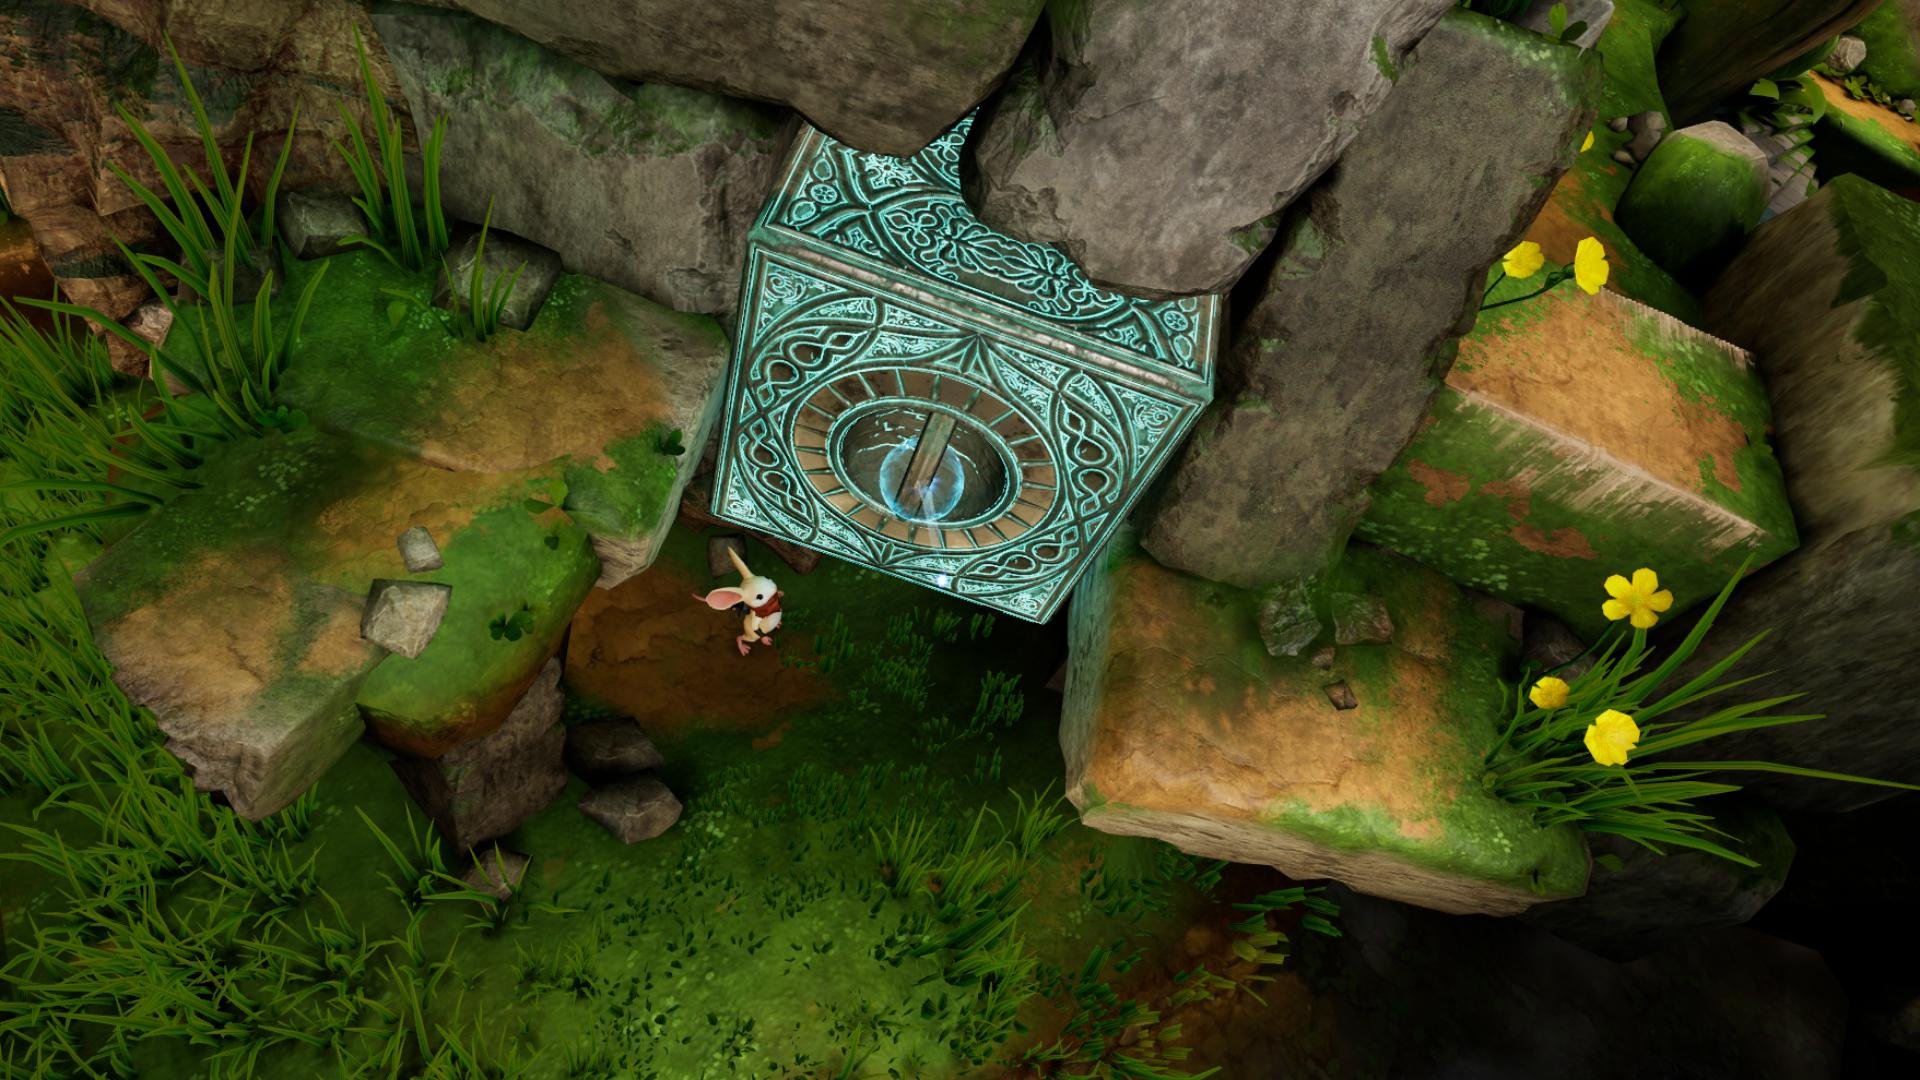 VRゲーム【Moss】ゲーム内容、攻略法1